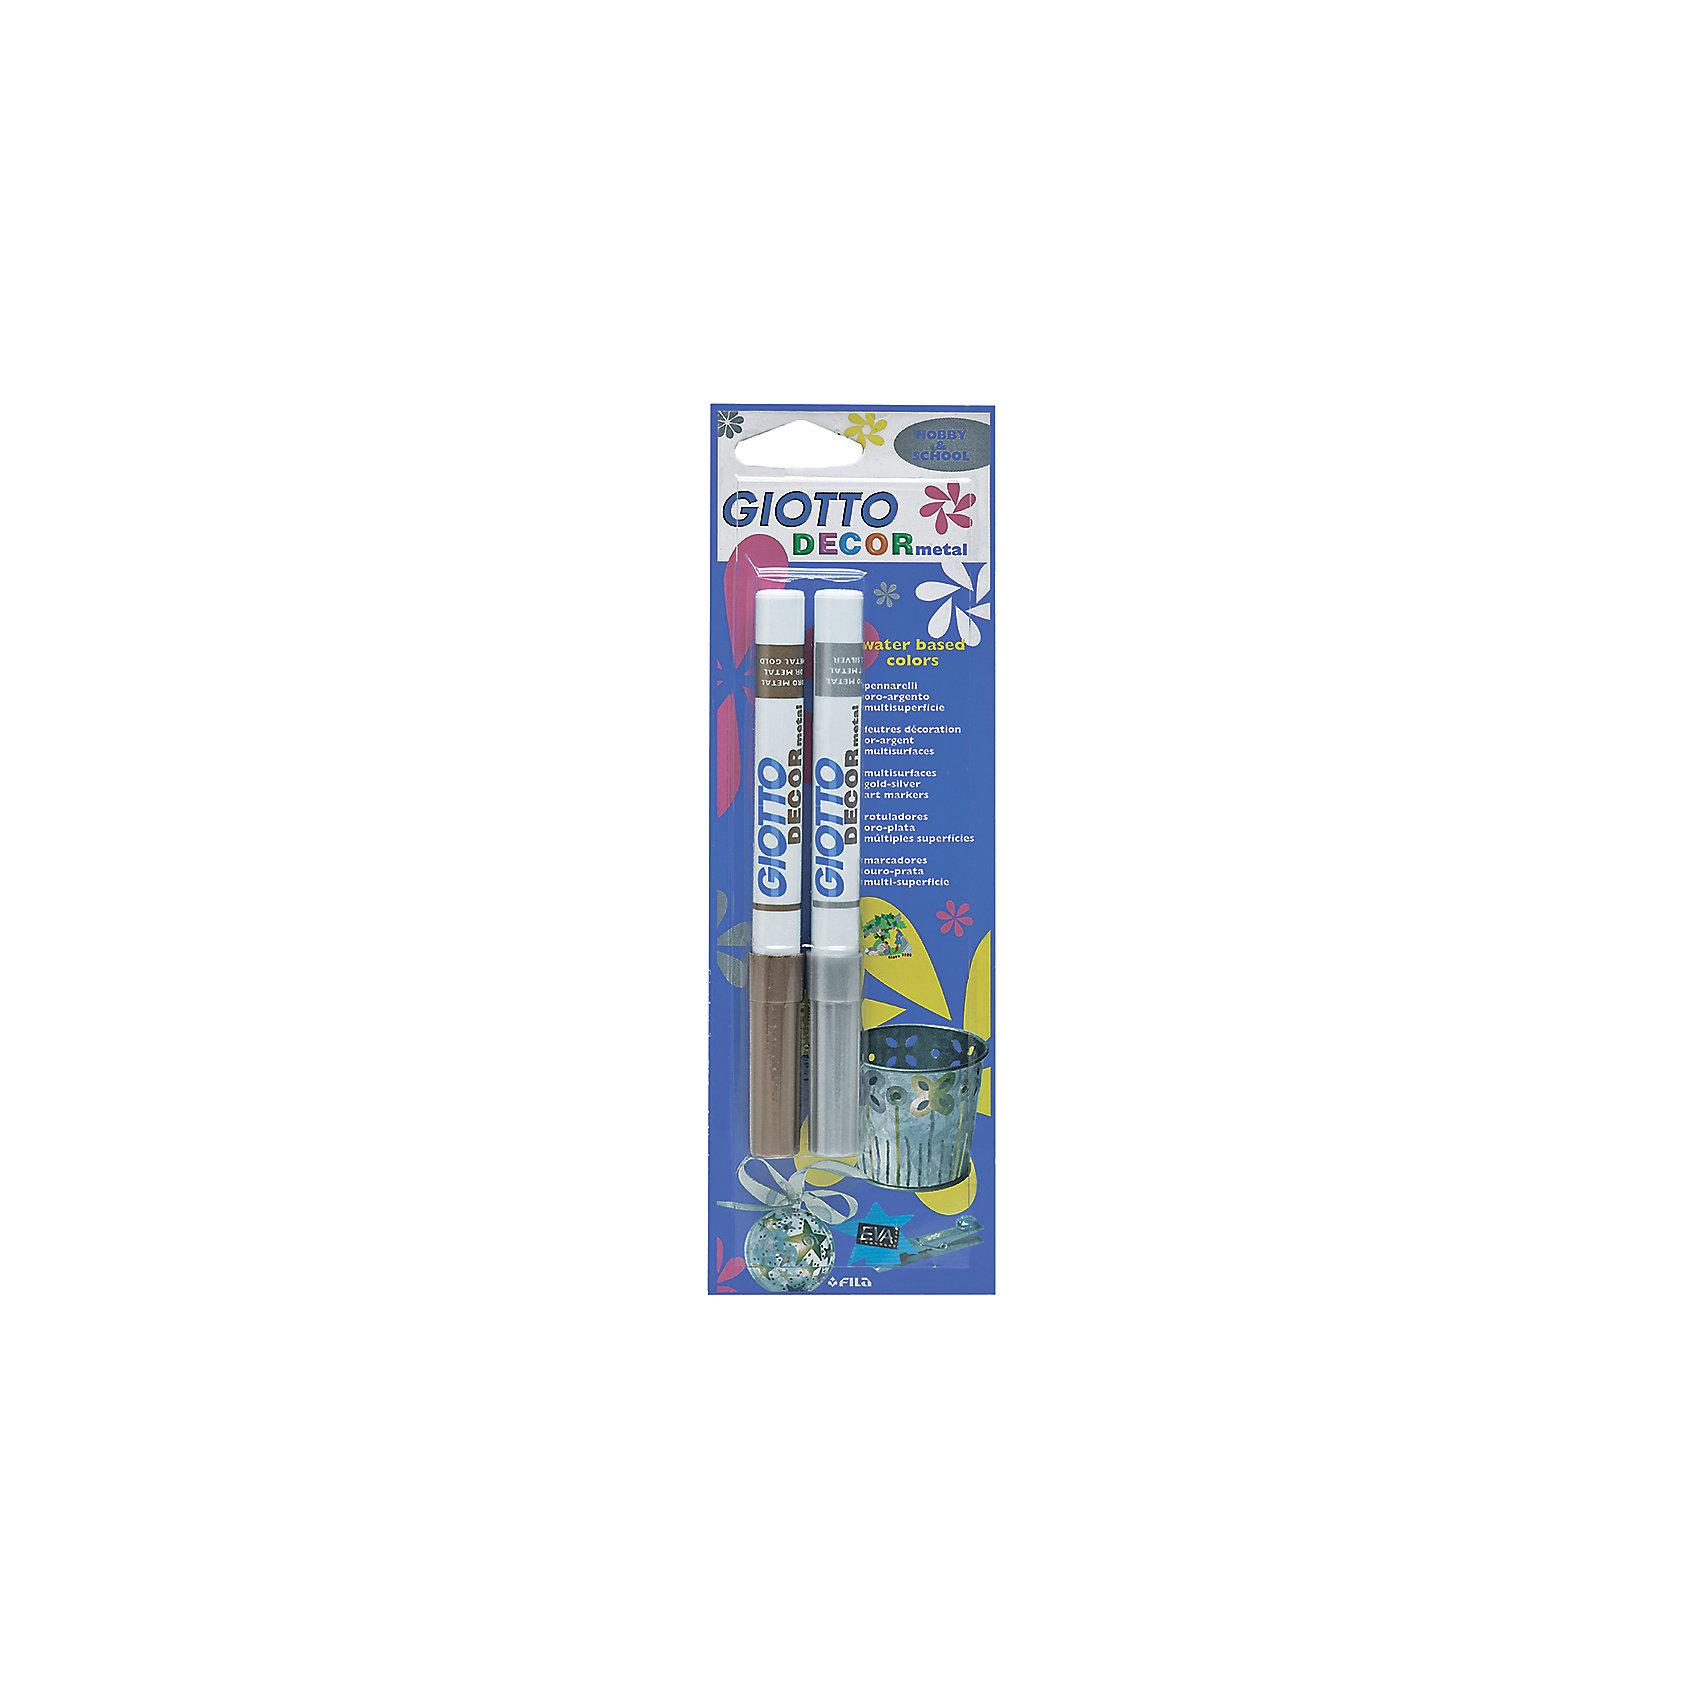 Фломастеры для декорирования, цвет золото и серебро, 2 штФломастеры<br>Характеристики товара:<br><br>• в комплекте: 2 фломастера;<br>• цвета: золотой, серебряный;<br>• материал: пластик;<br>• размер упаковки: 23,9х1,5х7,5 см;<br>• возраст: от 3 лет.<br><br>Фломастеры Giotto DECOR METAL предназначены для надписей и декорирования таких поверхностей, как бумага, картон, стекло, пластик, металл и другие. В комплект входят фломастеры золотого и серебряного цветов. После нанесения линии приобретают приятный металлический оттенков и переливаются на солнце. Чернила фломастеров изготовлены на водной основе, без содержания токсичных компонентов.<br><br>Giotto (Джотто) DECOR METAL OR/AR 2 шт Фломастеры для декорирования с метал. эффектом в блистере (золото и серебро) можно купить в нашем интернет-магазине.<br><br>Ширина мм: 15<br>Глубина мм: 239<br>Высота мм: 75<br>Вес г: 46<br>Возраст от месяцев: 72<br>Возраст до месяцев: 120<br>Пол: Унисекс<br>Возраст: Детский<br>SKU: 5107837